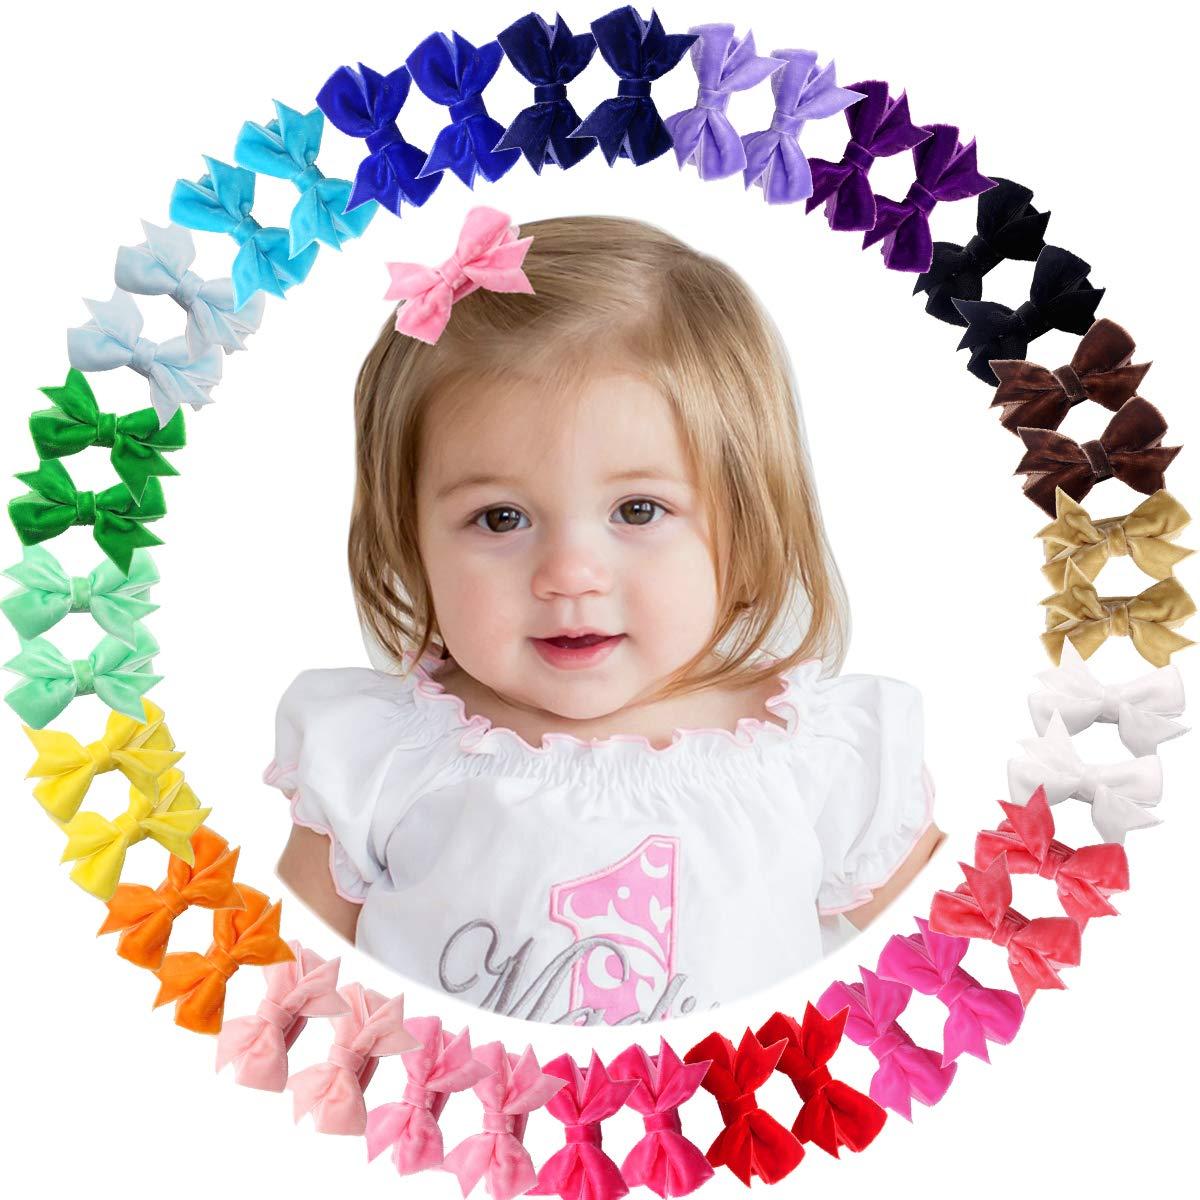 - Little Girls Hair Bows s Velvet hair Bows Bows for Pigtails Light Sage Velvet Bow Pink Baby Girl Heeadband